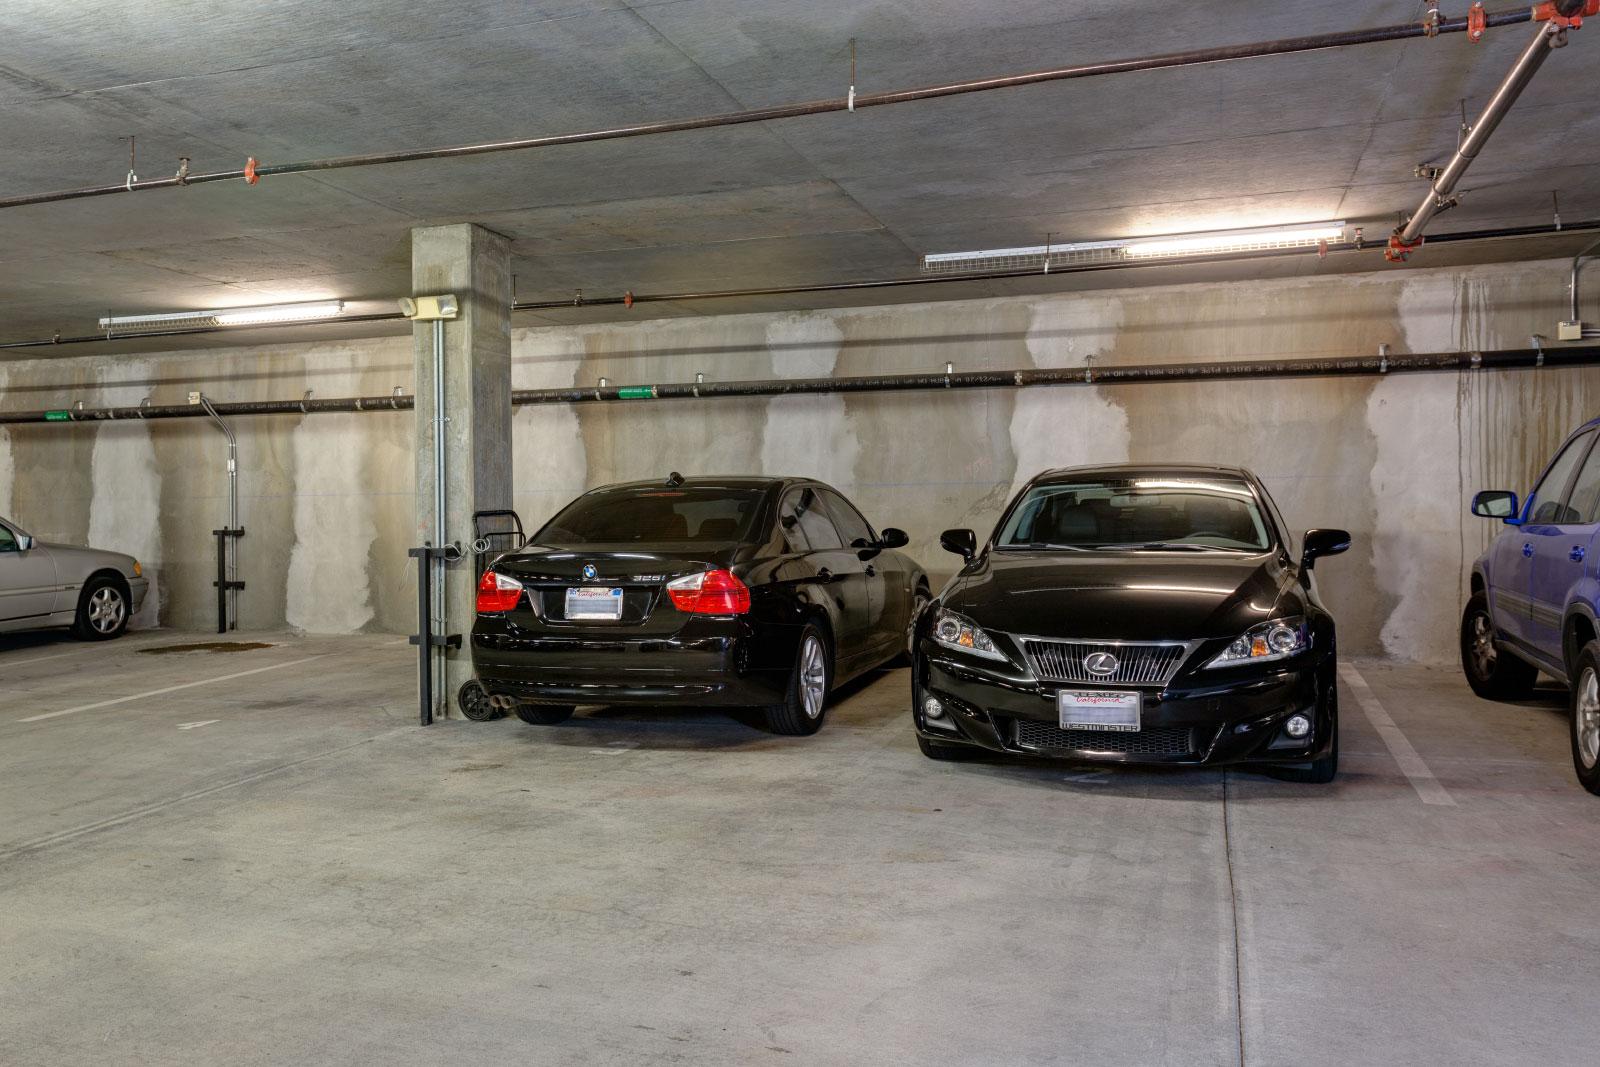 parking-spot3_12844274823_o.jpg